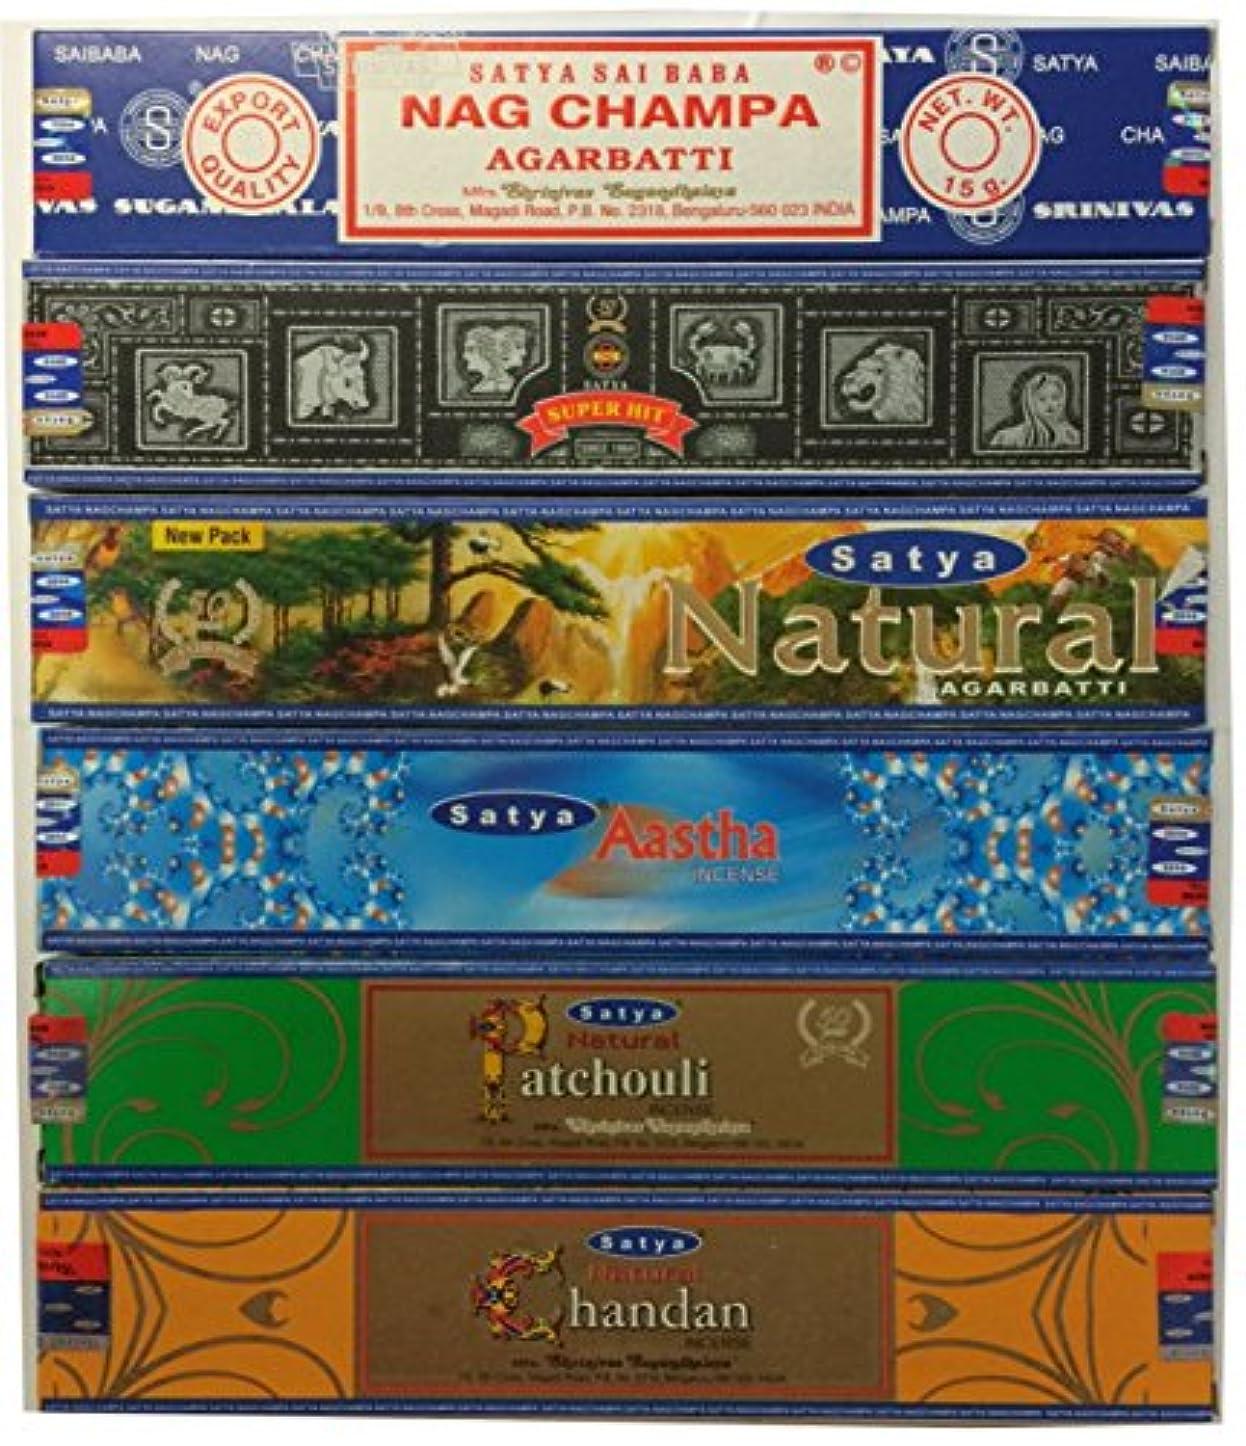 ベンチ覚えている昇るSet of 6 Nag Champa SuperHit自然Aastha Chandan Patchouli By Satya